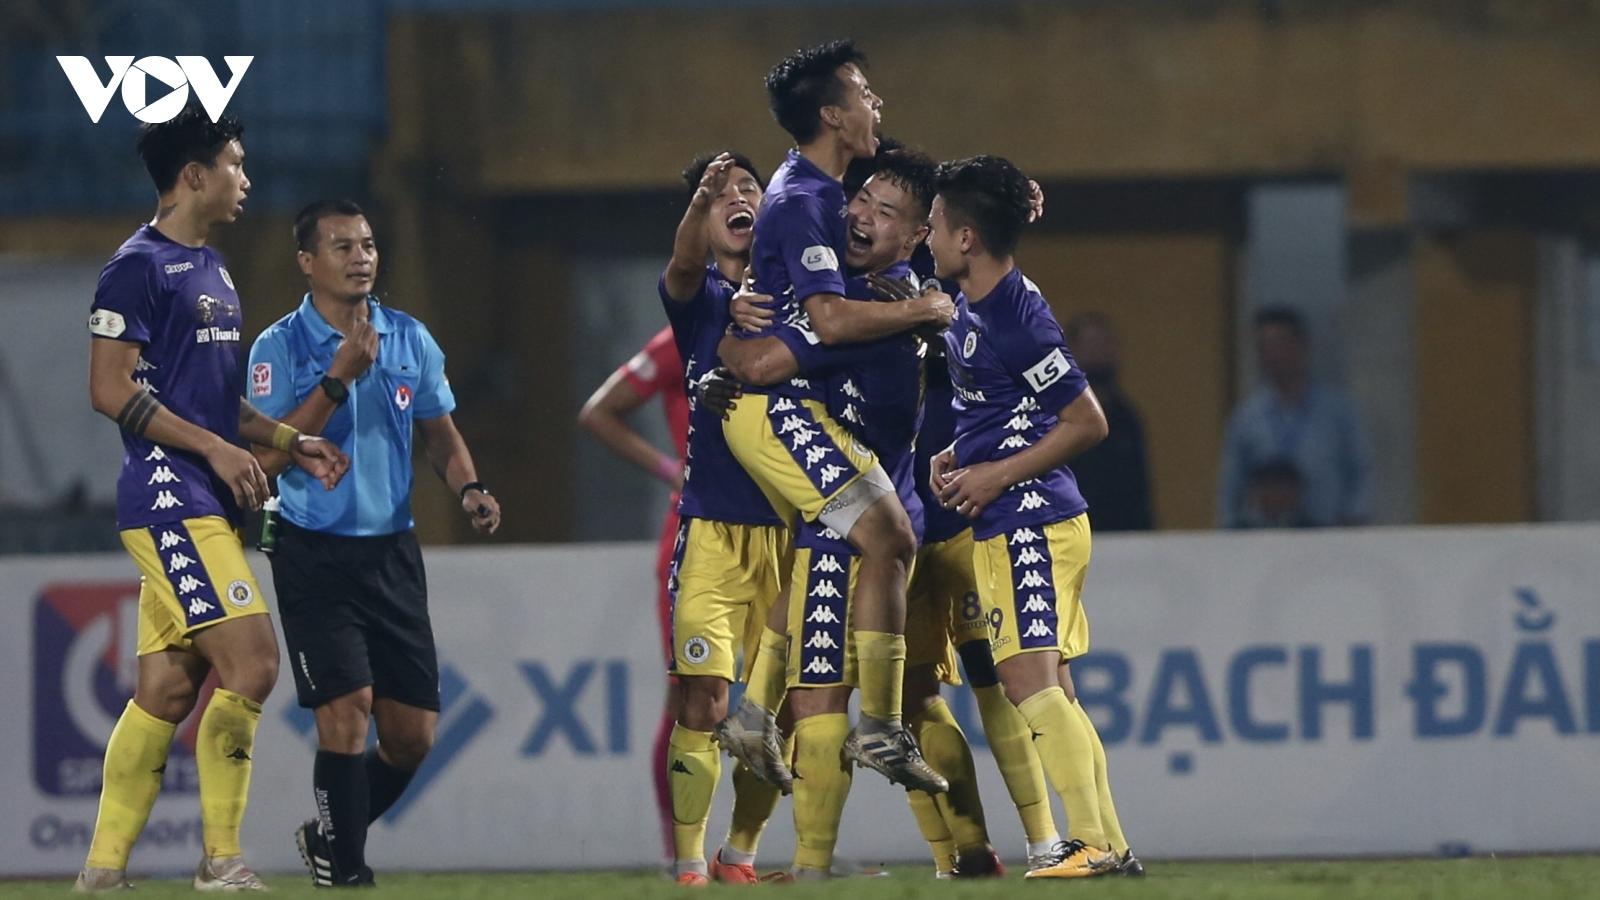 Quang Hải lập siêu phẩm, Hà Nội FC chính thức gạch tên Sài Gòn FC khỏi cuộc đua vô địch